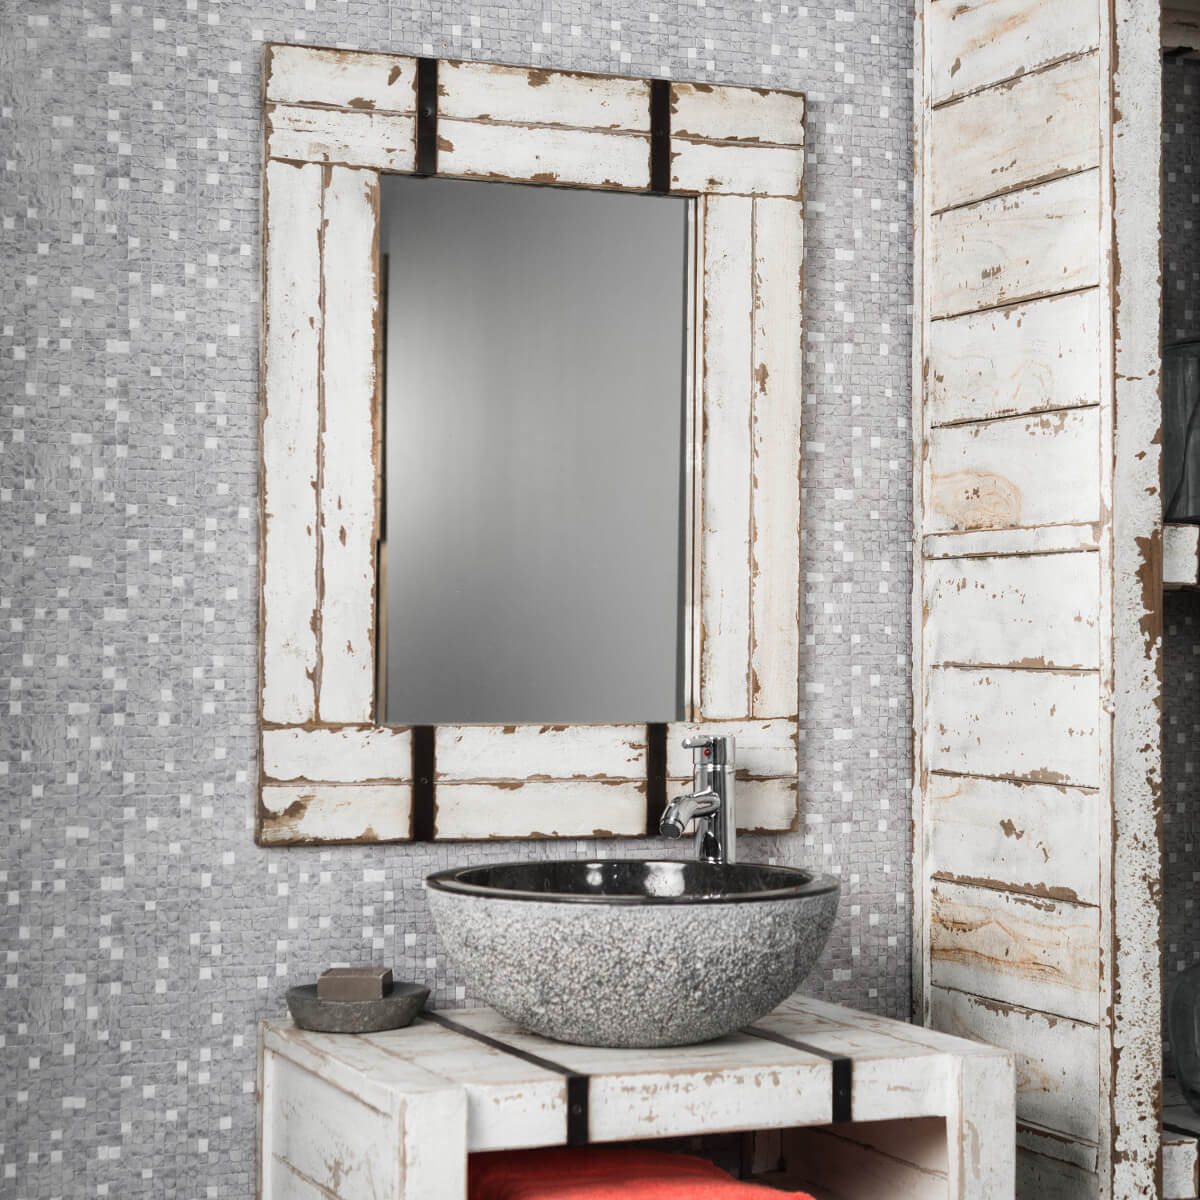 Espejo para cuarto de baño de mindi 60 x 80 cm LOFT blanco